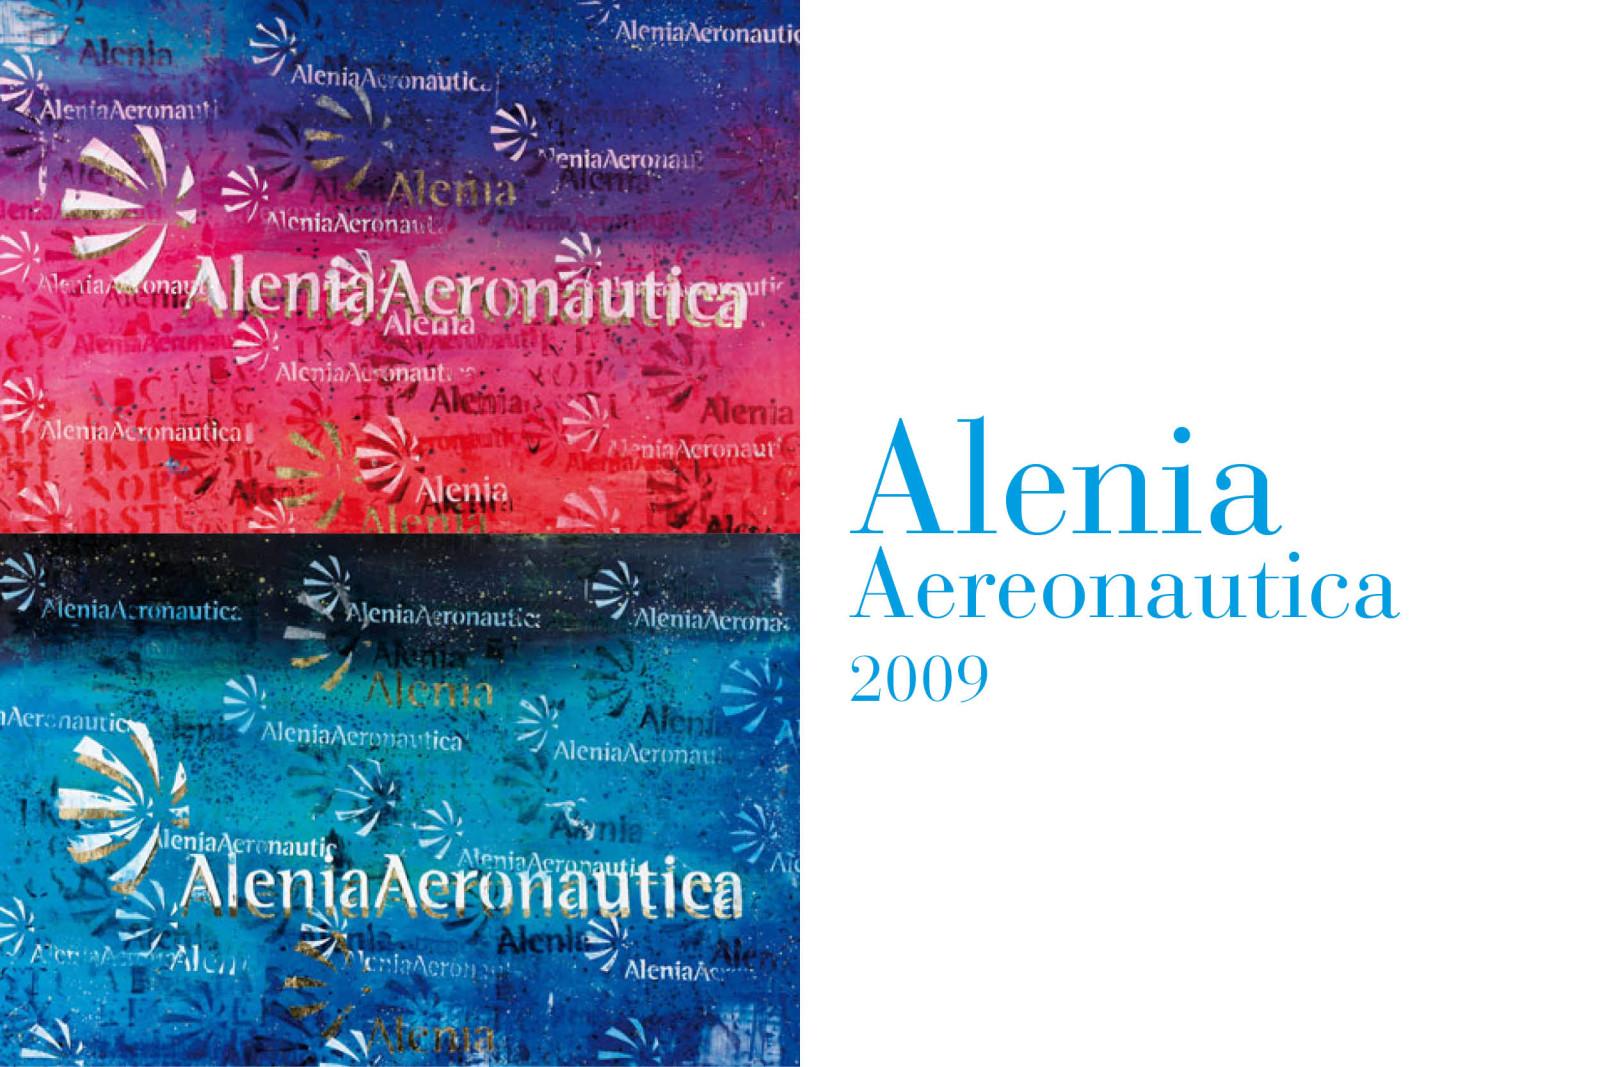 Benetta_Alenia